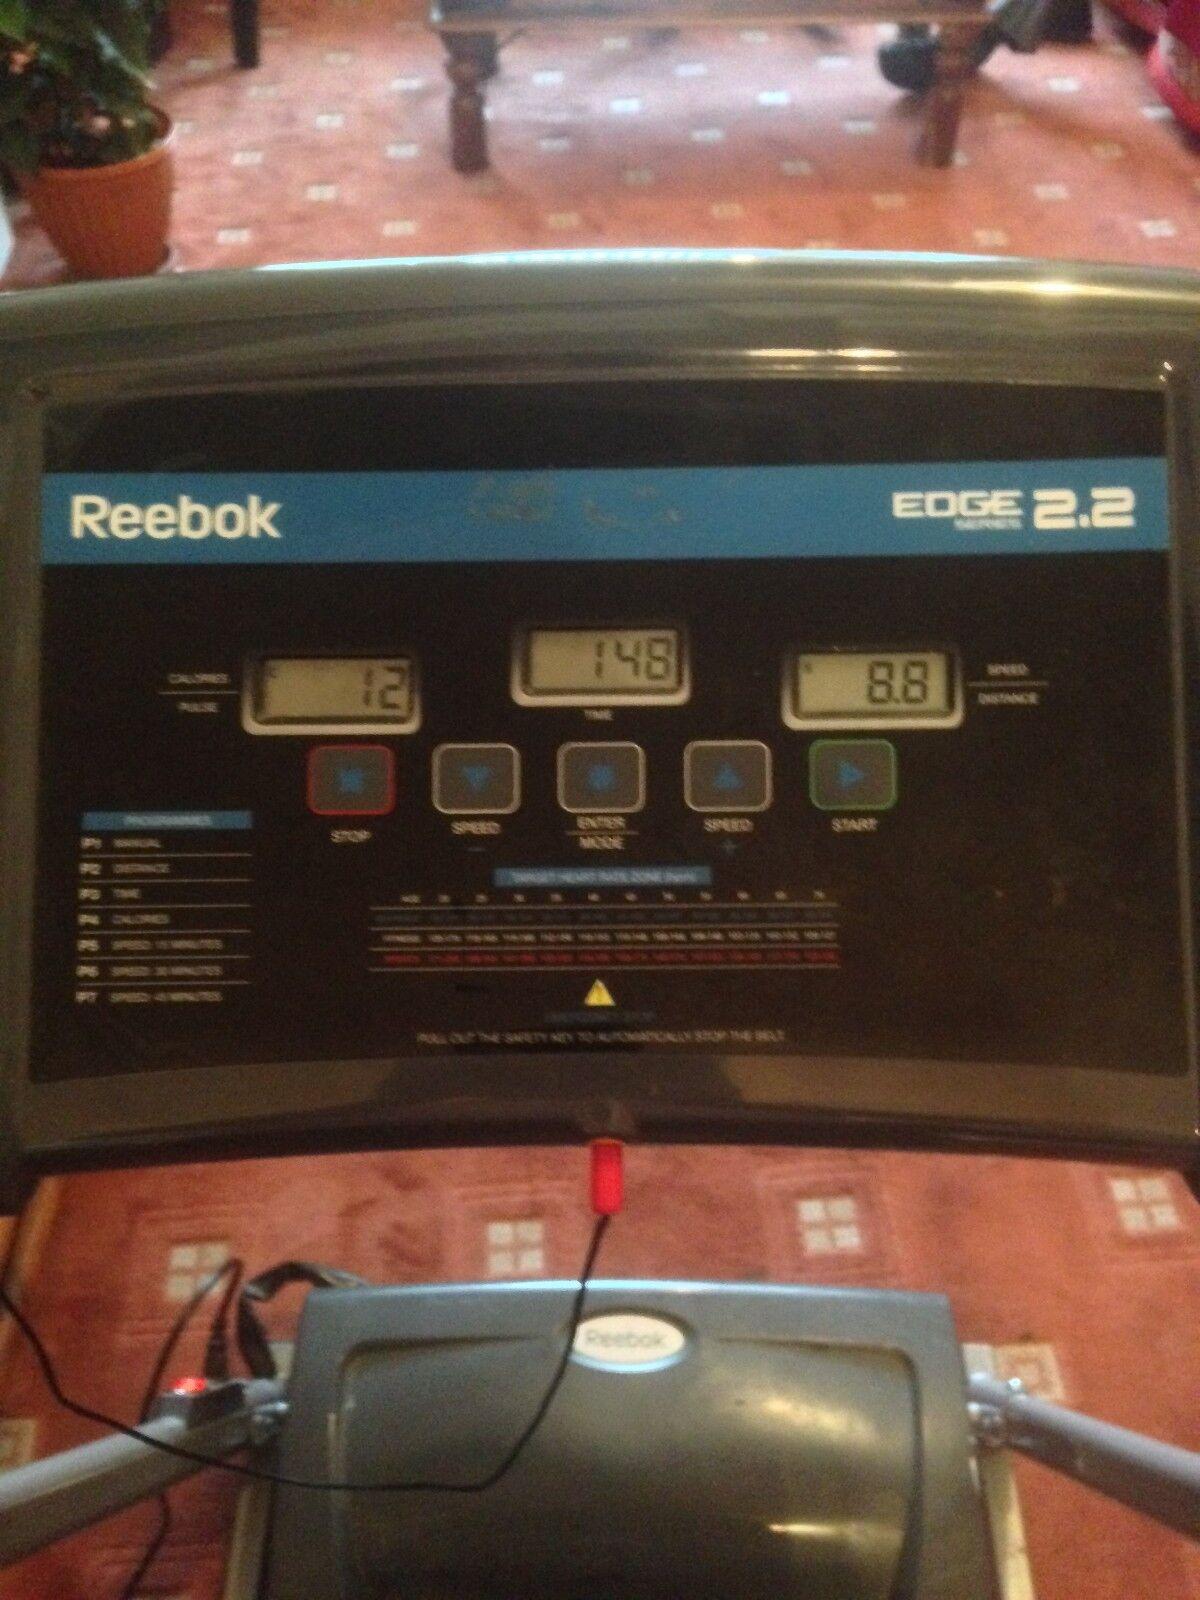 Reebok Edge course 2.2 Tapis de course Edge modèle-REOM - 11305 (1 Paire Bras fin Boutons En Vente uniquement) 68ccd7